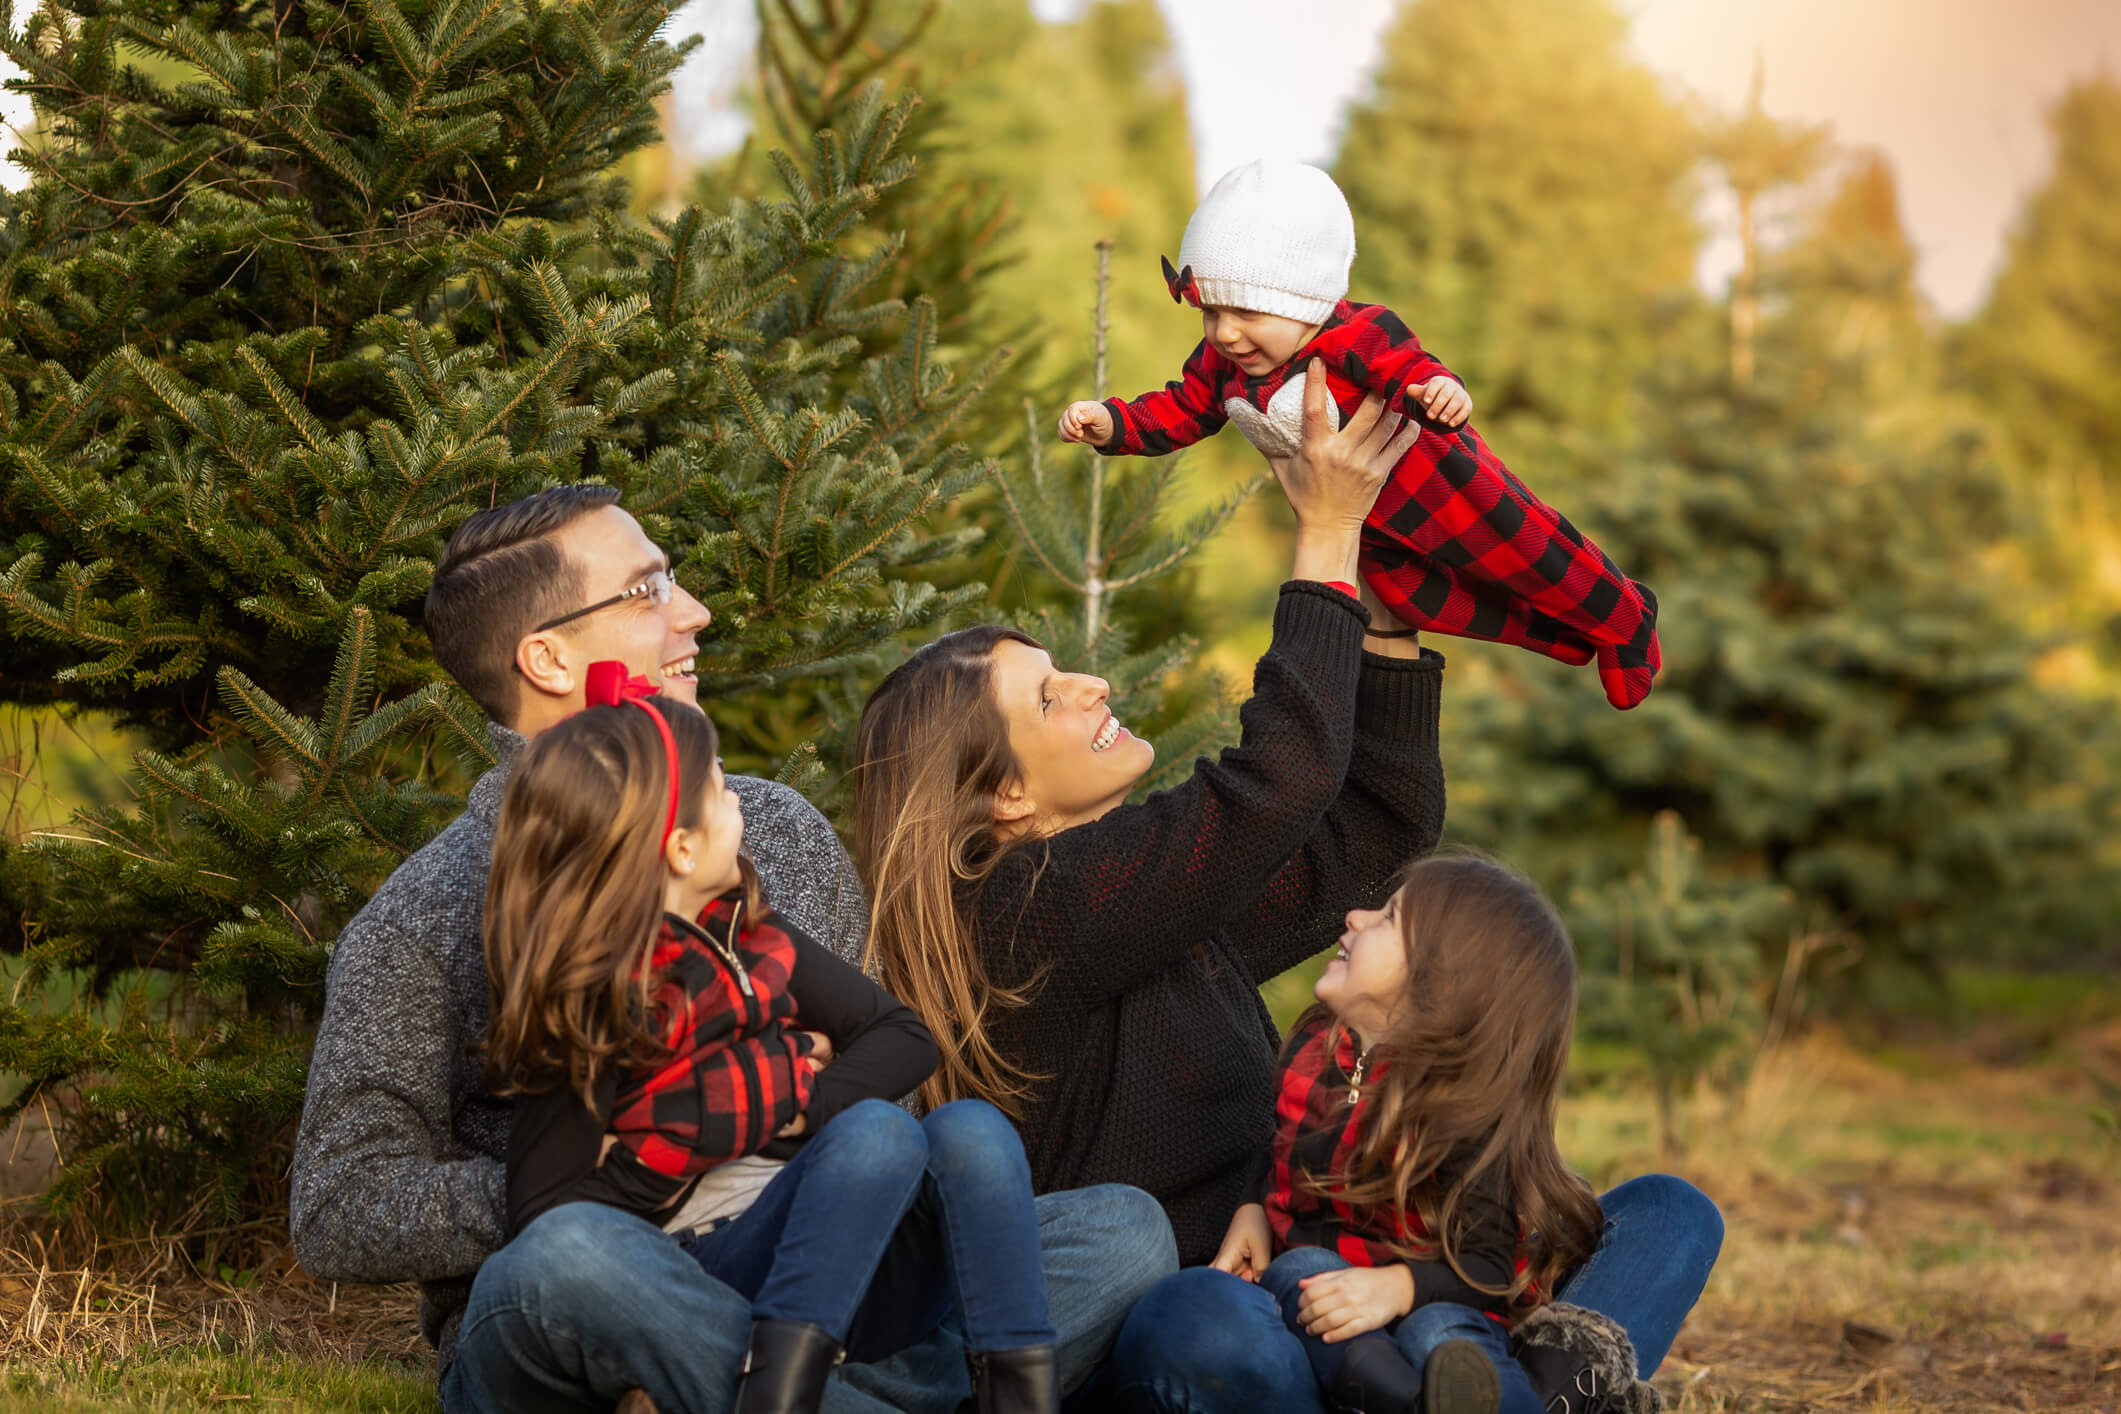 Tree Farm Holiday Fine Art Portraits, Family Photography Boston 7